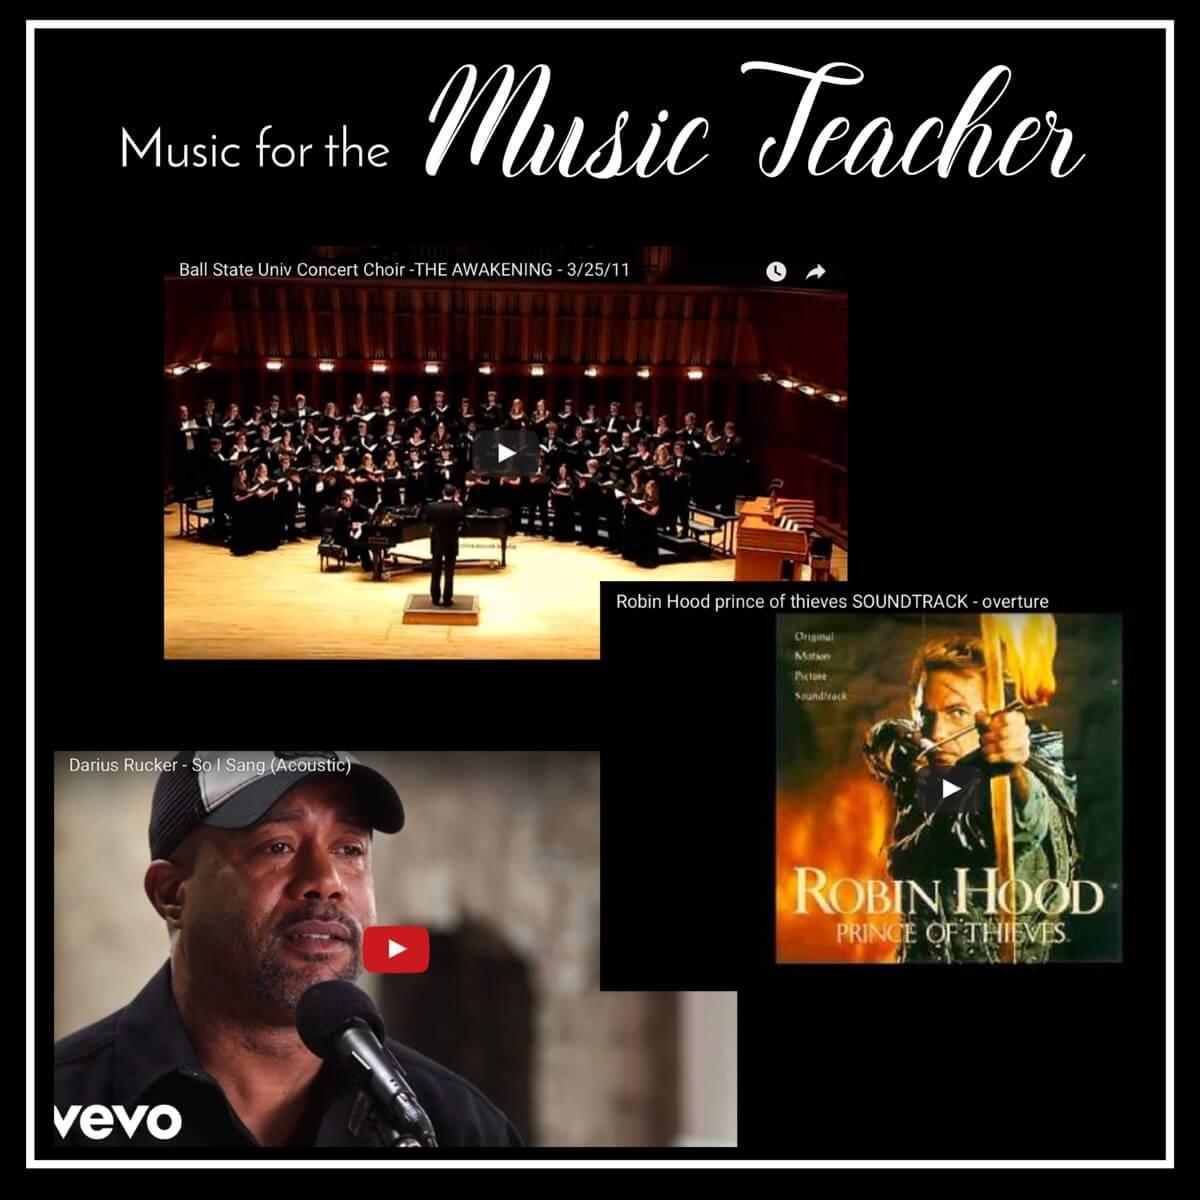 Music for the Music Teacher